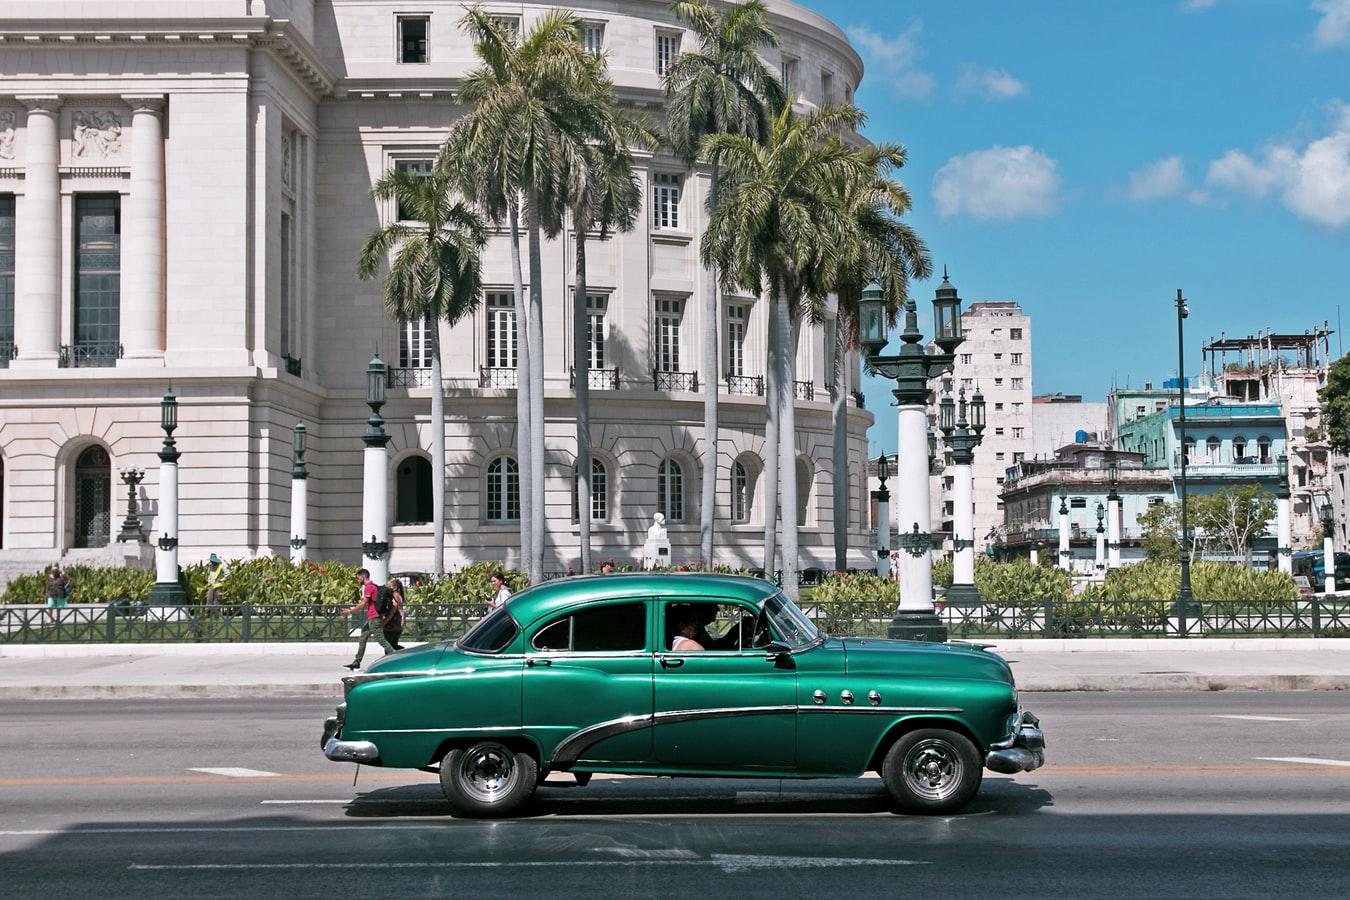 Straßenansicht mit Oldtimer in Havanna Kuba